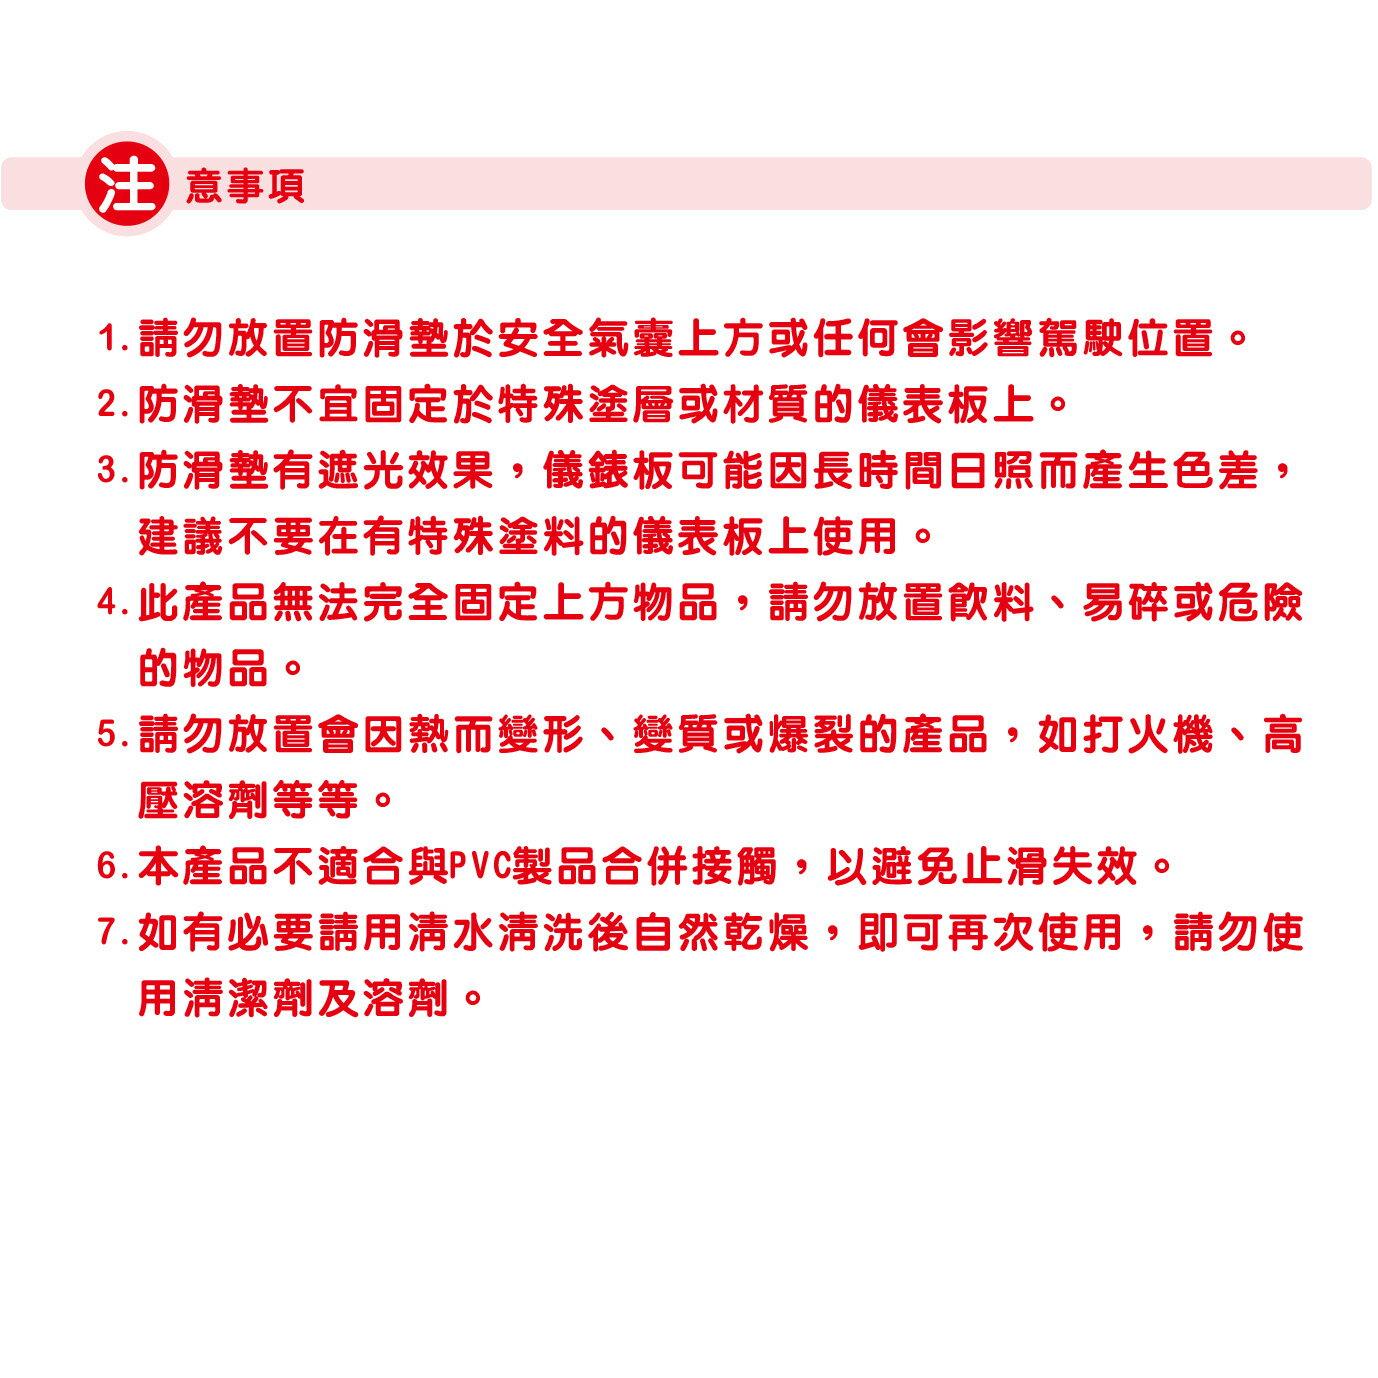 大威寶龍【穩答答防滑墊】圓型系列 /超薄車用止滑墊-布面汽車防滑墊 車載止滑貼 汽車防滑貼 8